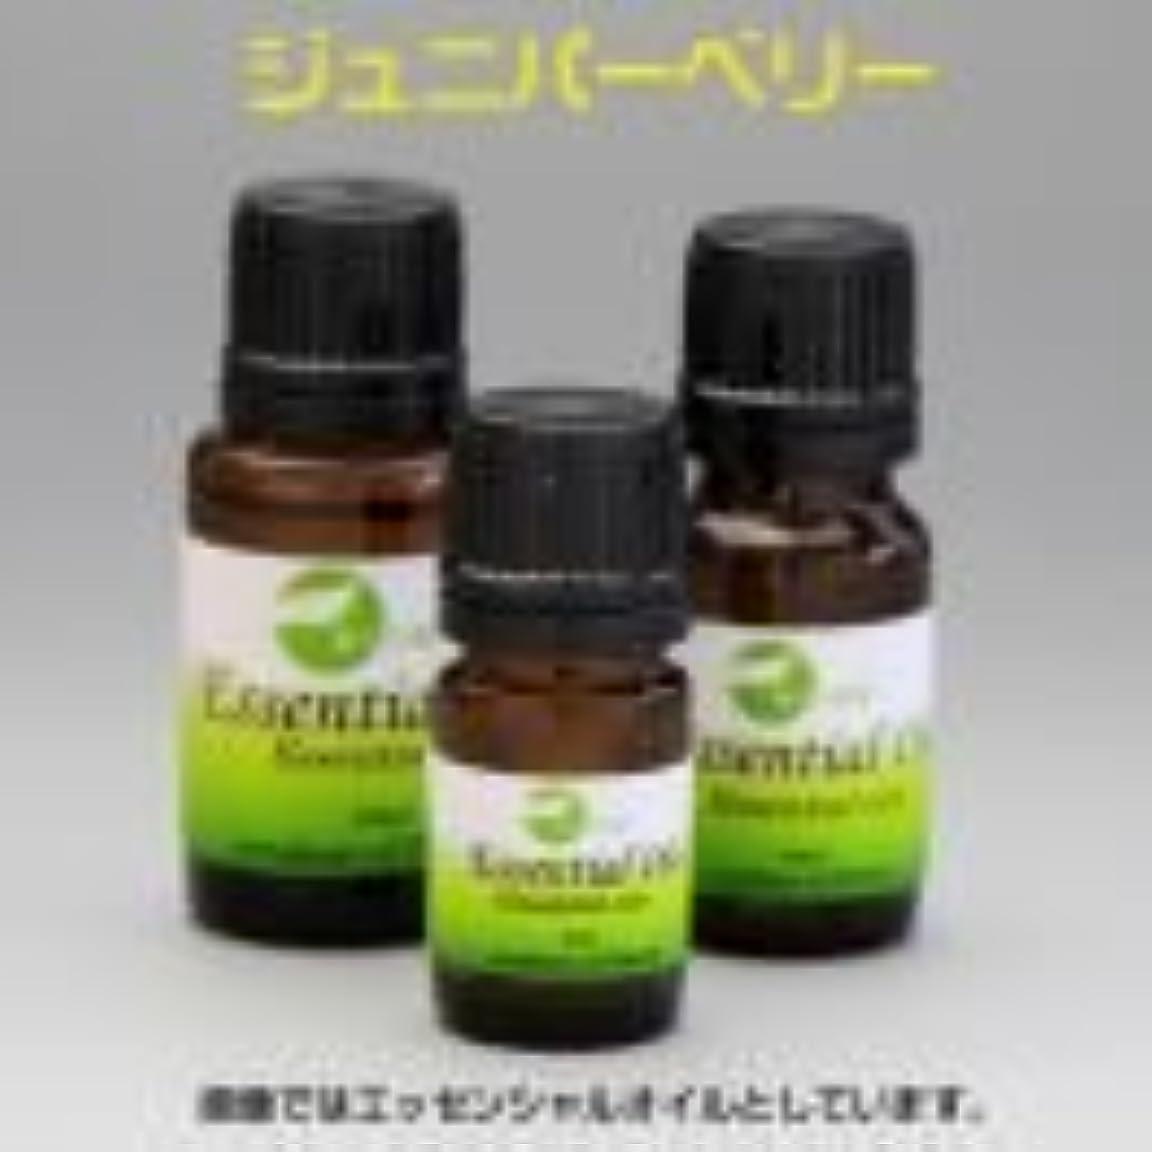 繰り返すしっかり格納[エッセンシャルオイル] 松の針葉に似たフレッシュな樹脂の香り ジュニパーベリー 5ml